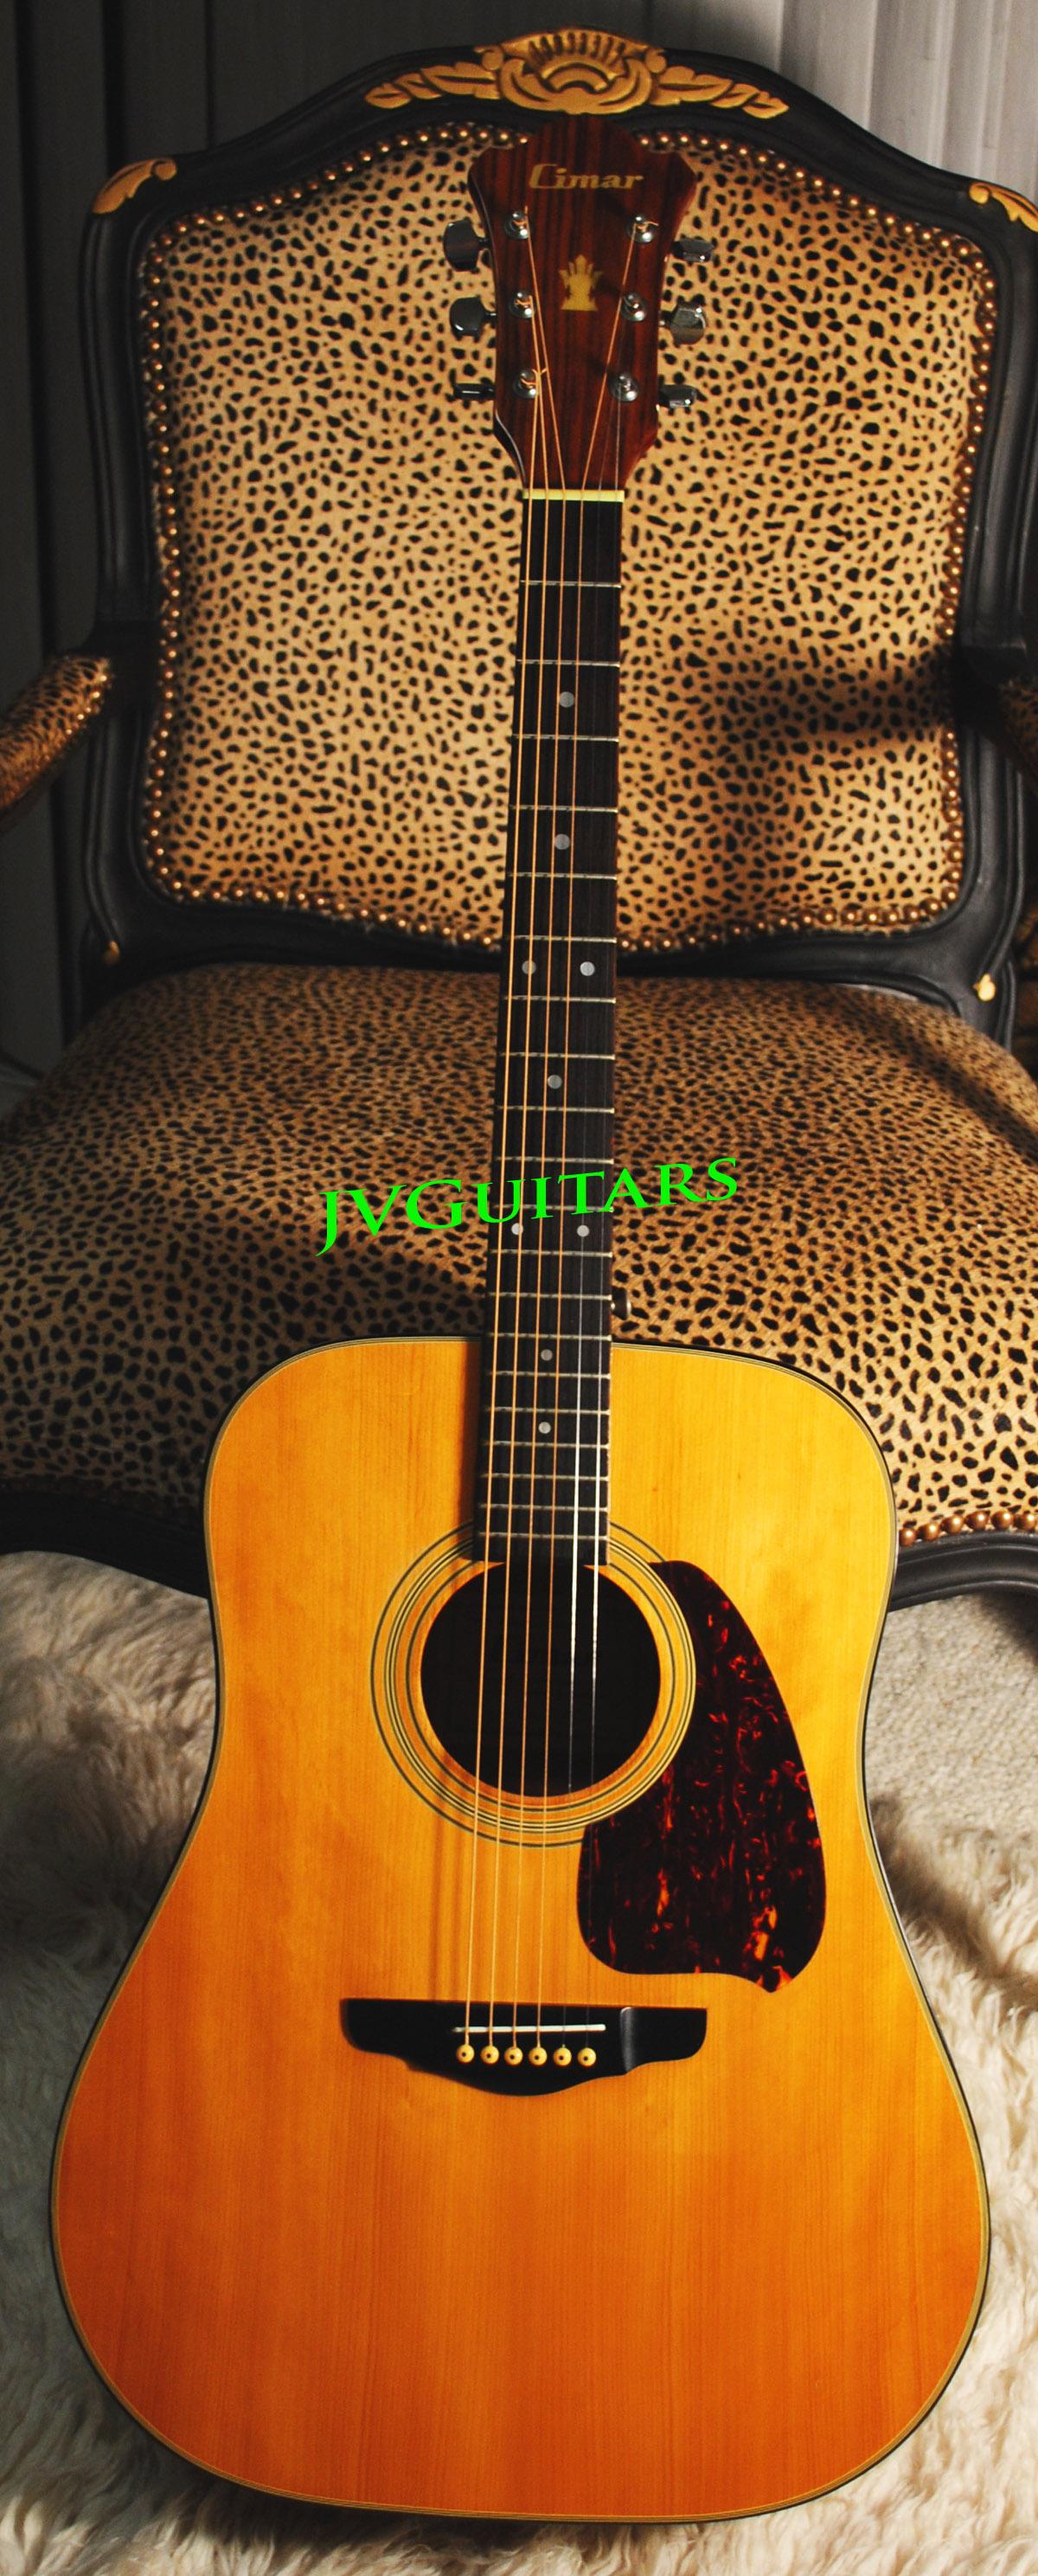 Cimar Guitar Serial Number